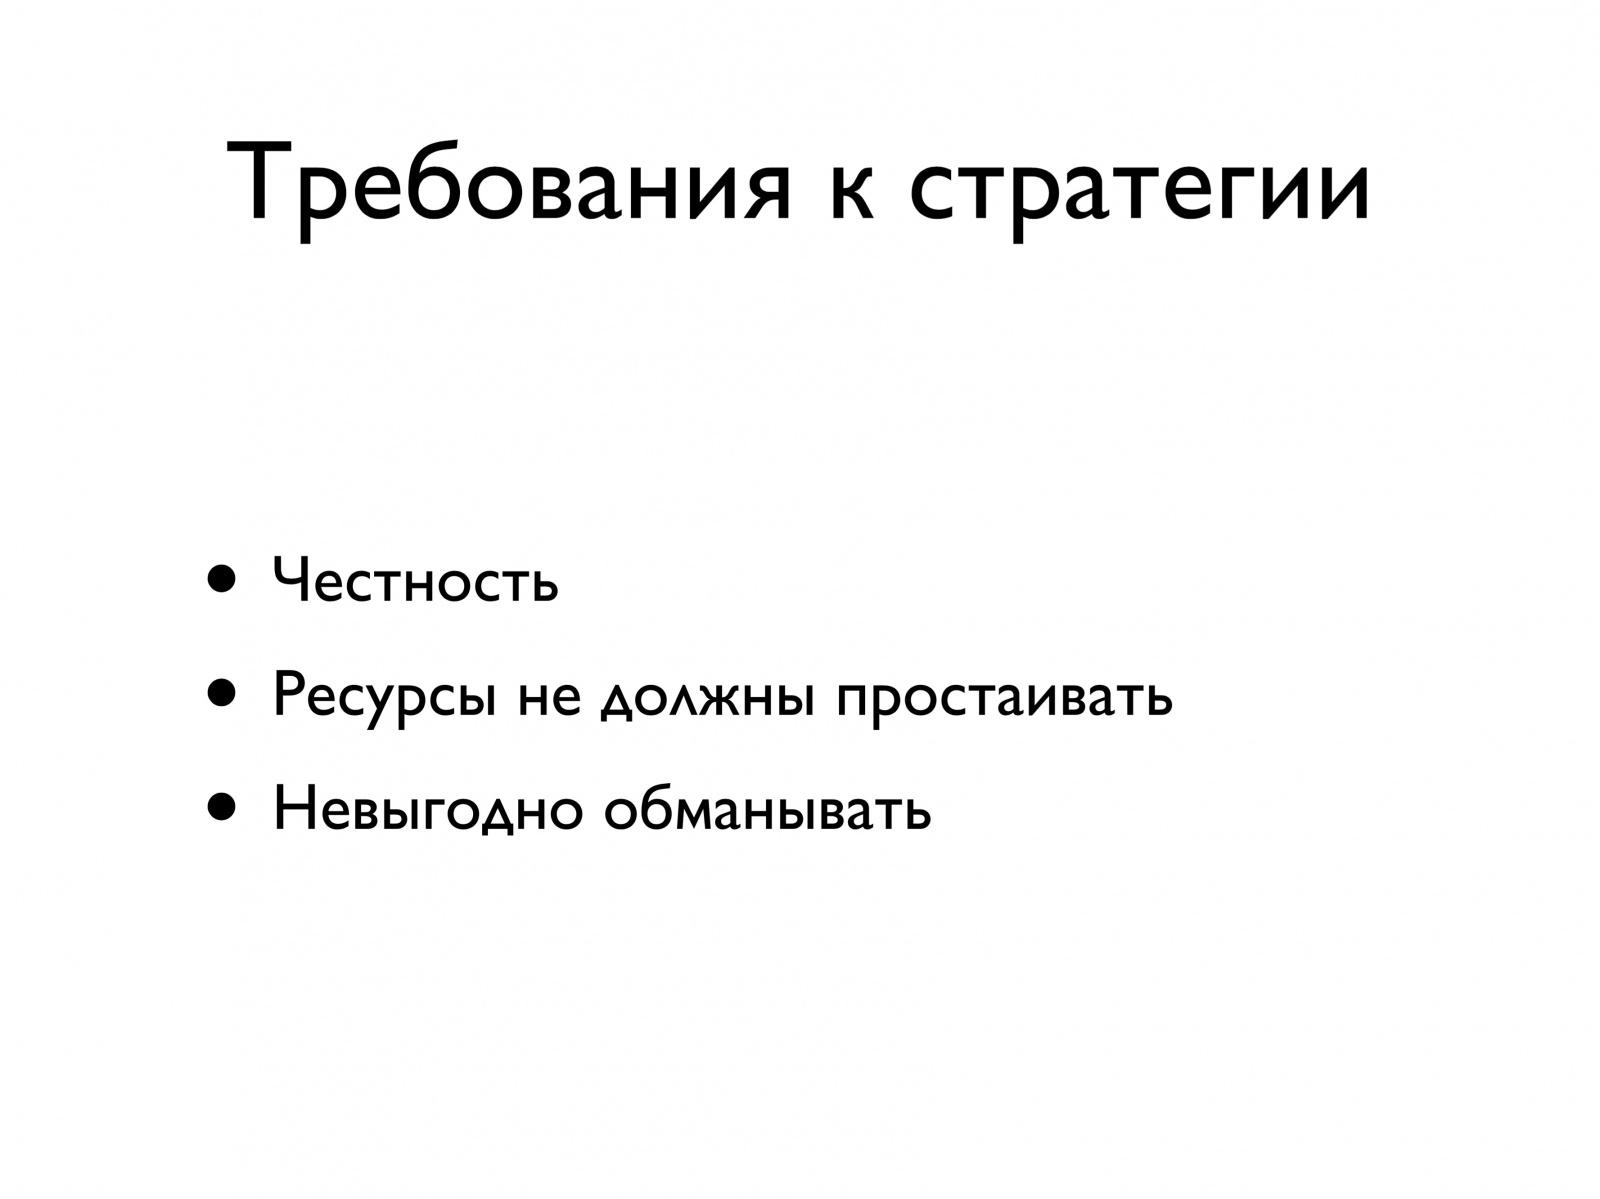 Распределение ресурсов в больших кластерах высокой производительности. Лекция в Яндексе - 6